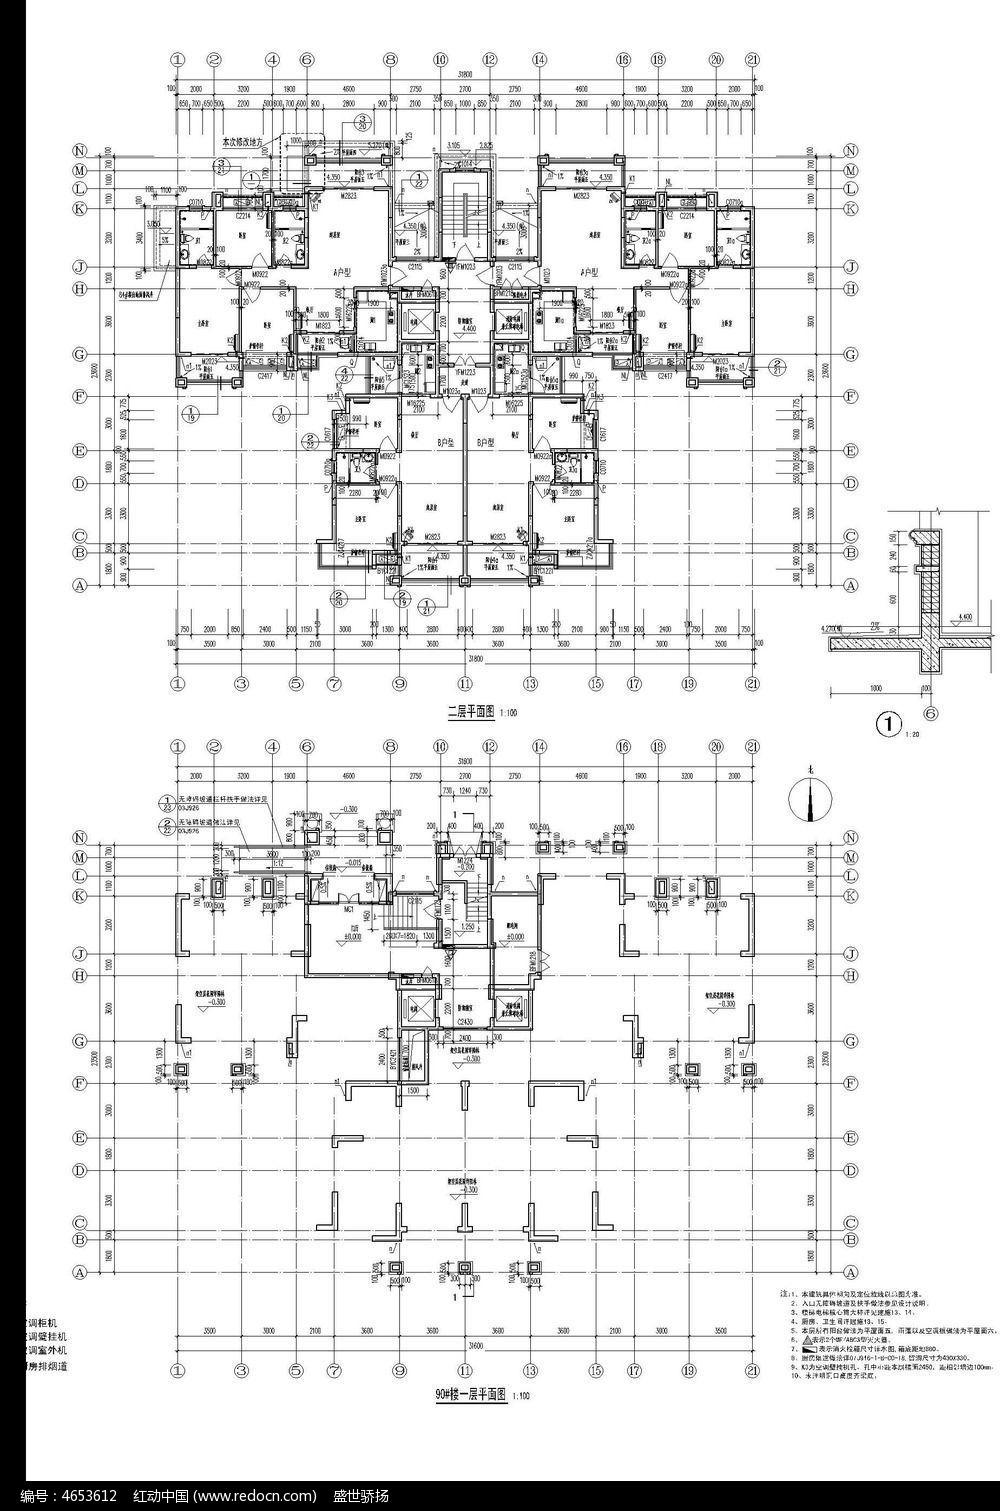 家居建筑图纸 家居cad施工图 家装cad图纸 cad图 cad建筑图  家居设计